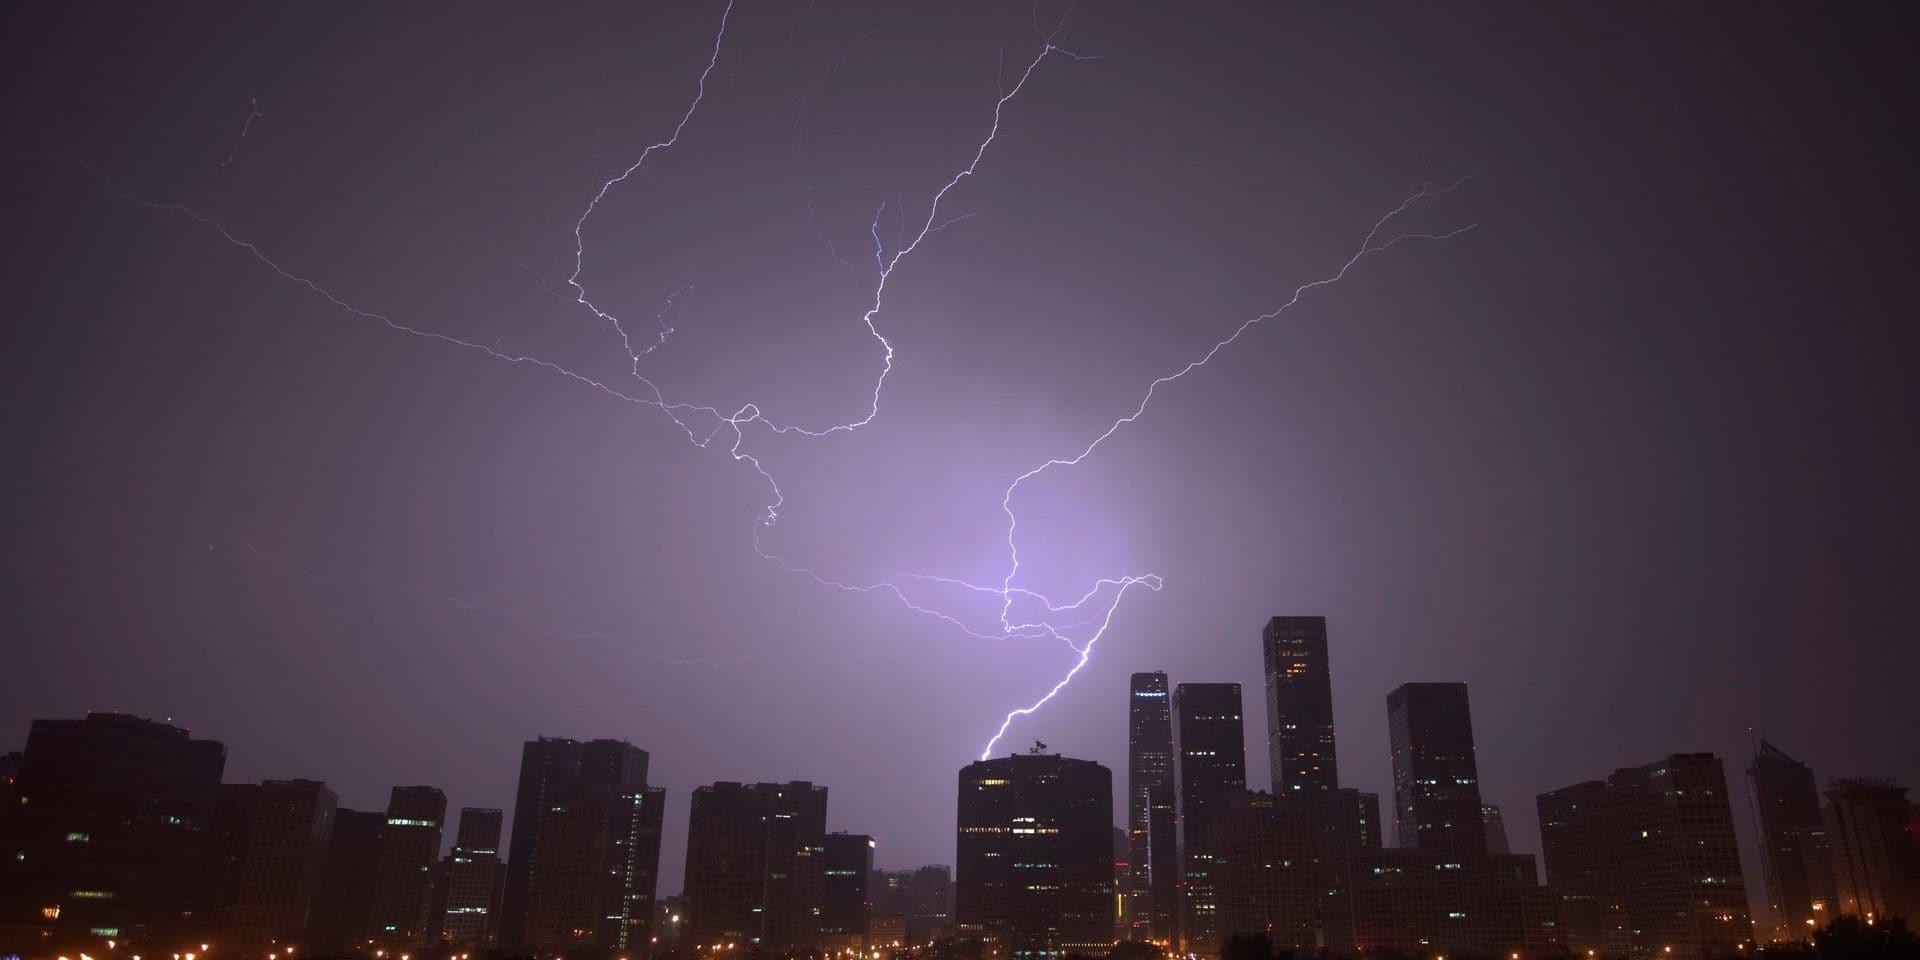 11 morts et plus de 100 blessés dans un orage près de Shanghai